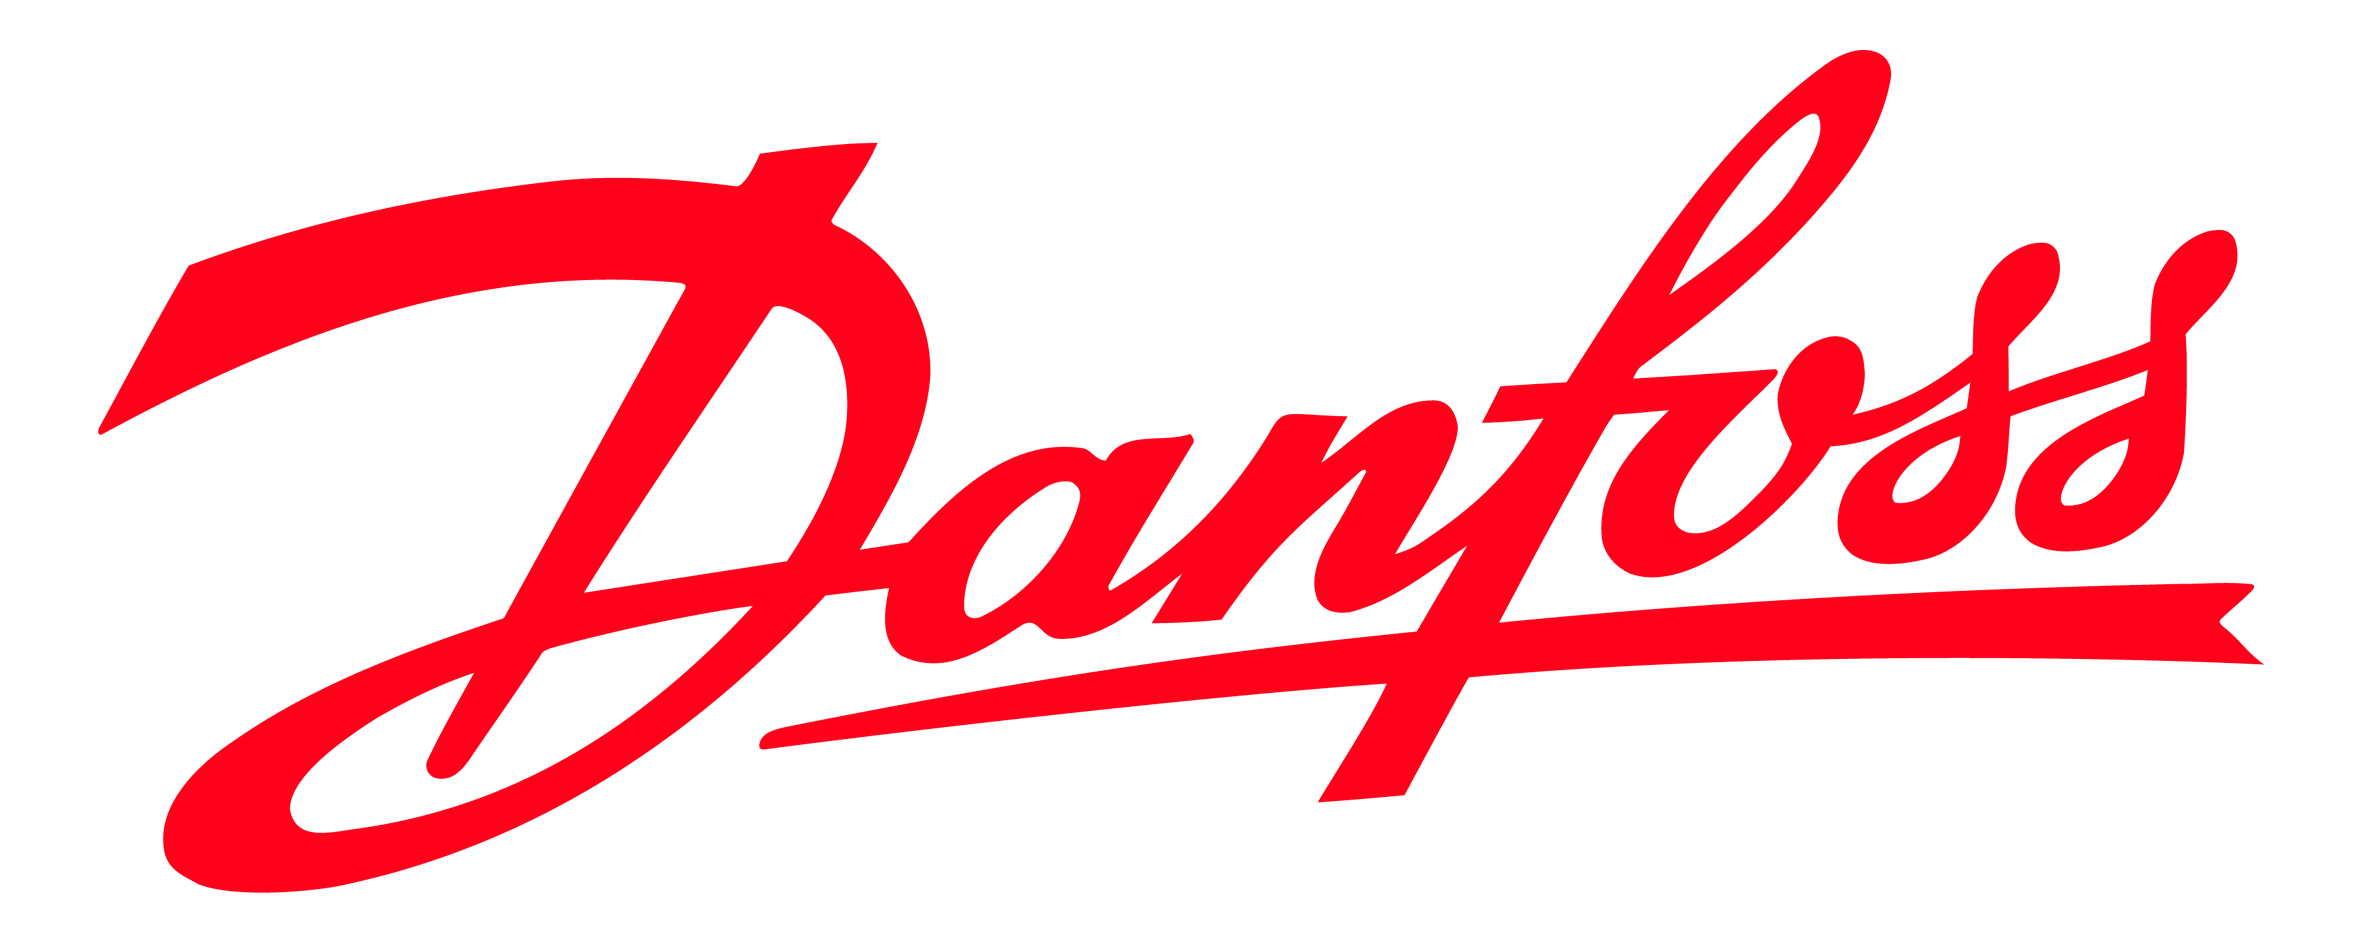 Danfoss Logo Wallpaper